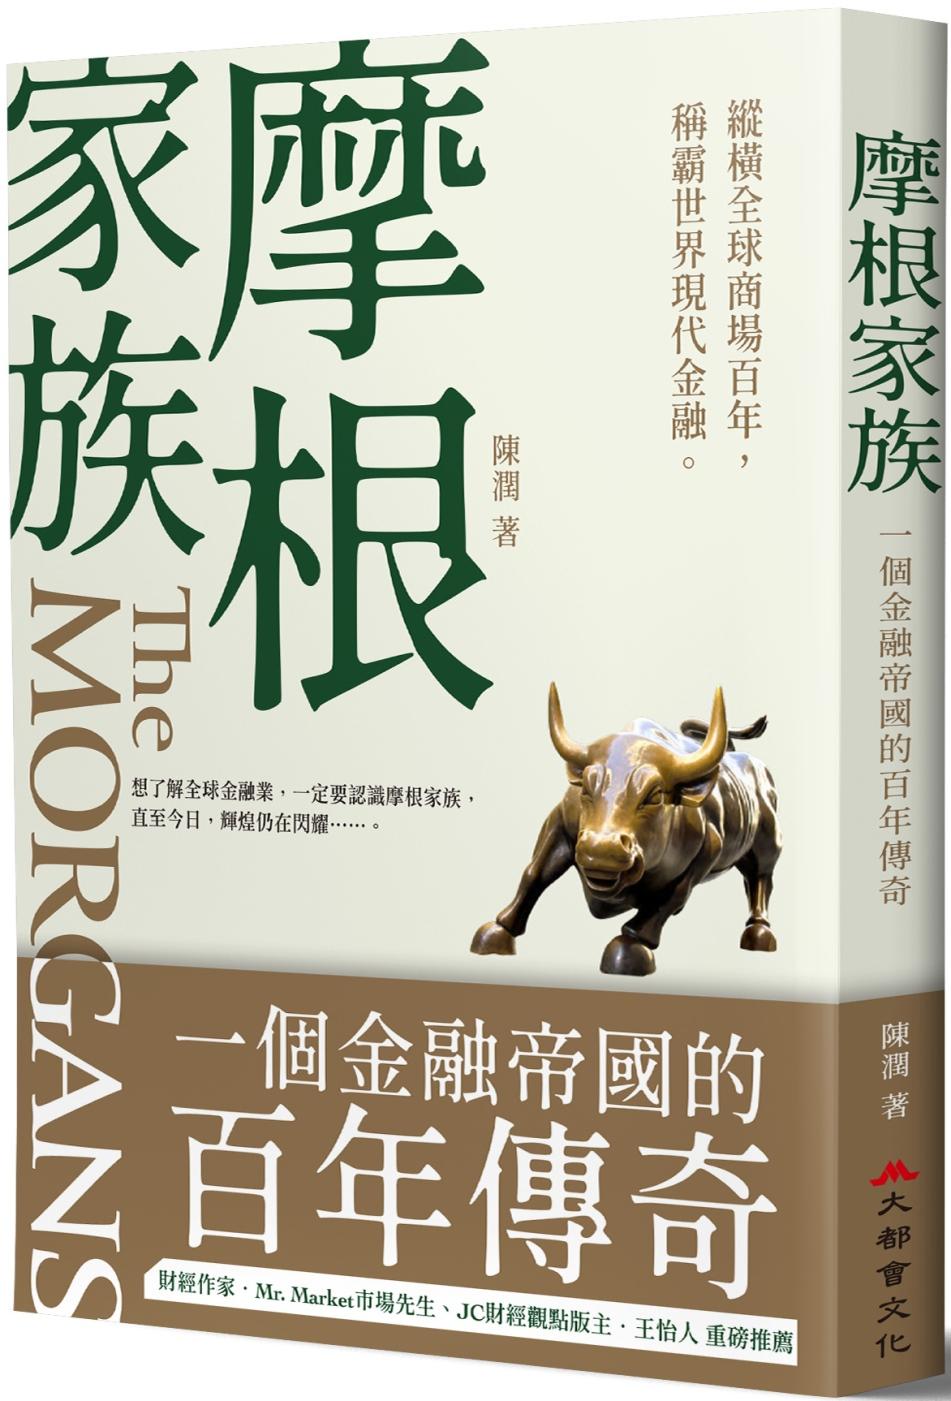 摩根家族:一個金融帝國的百年傳奇